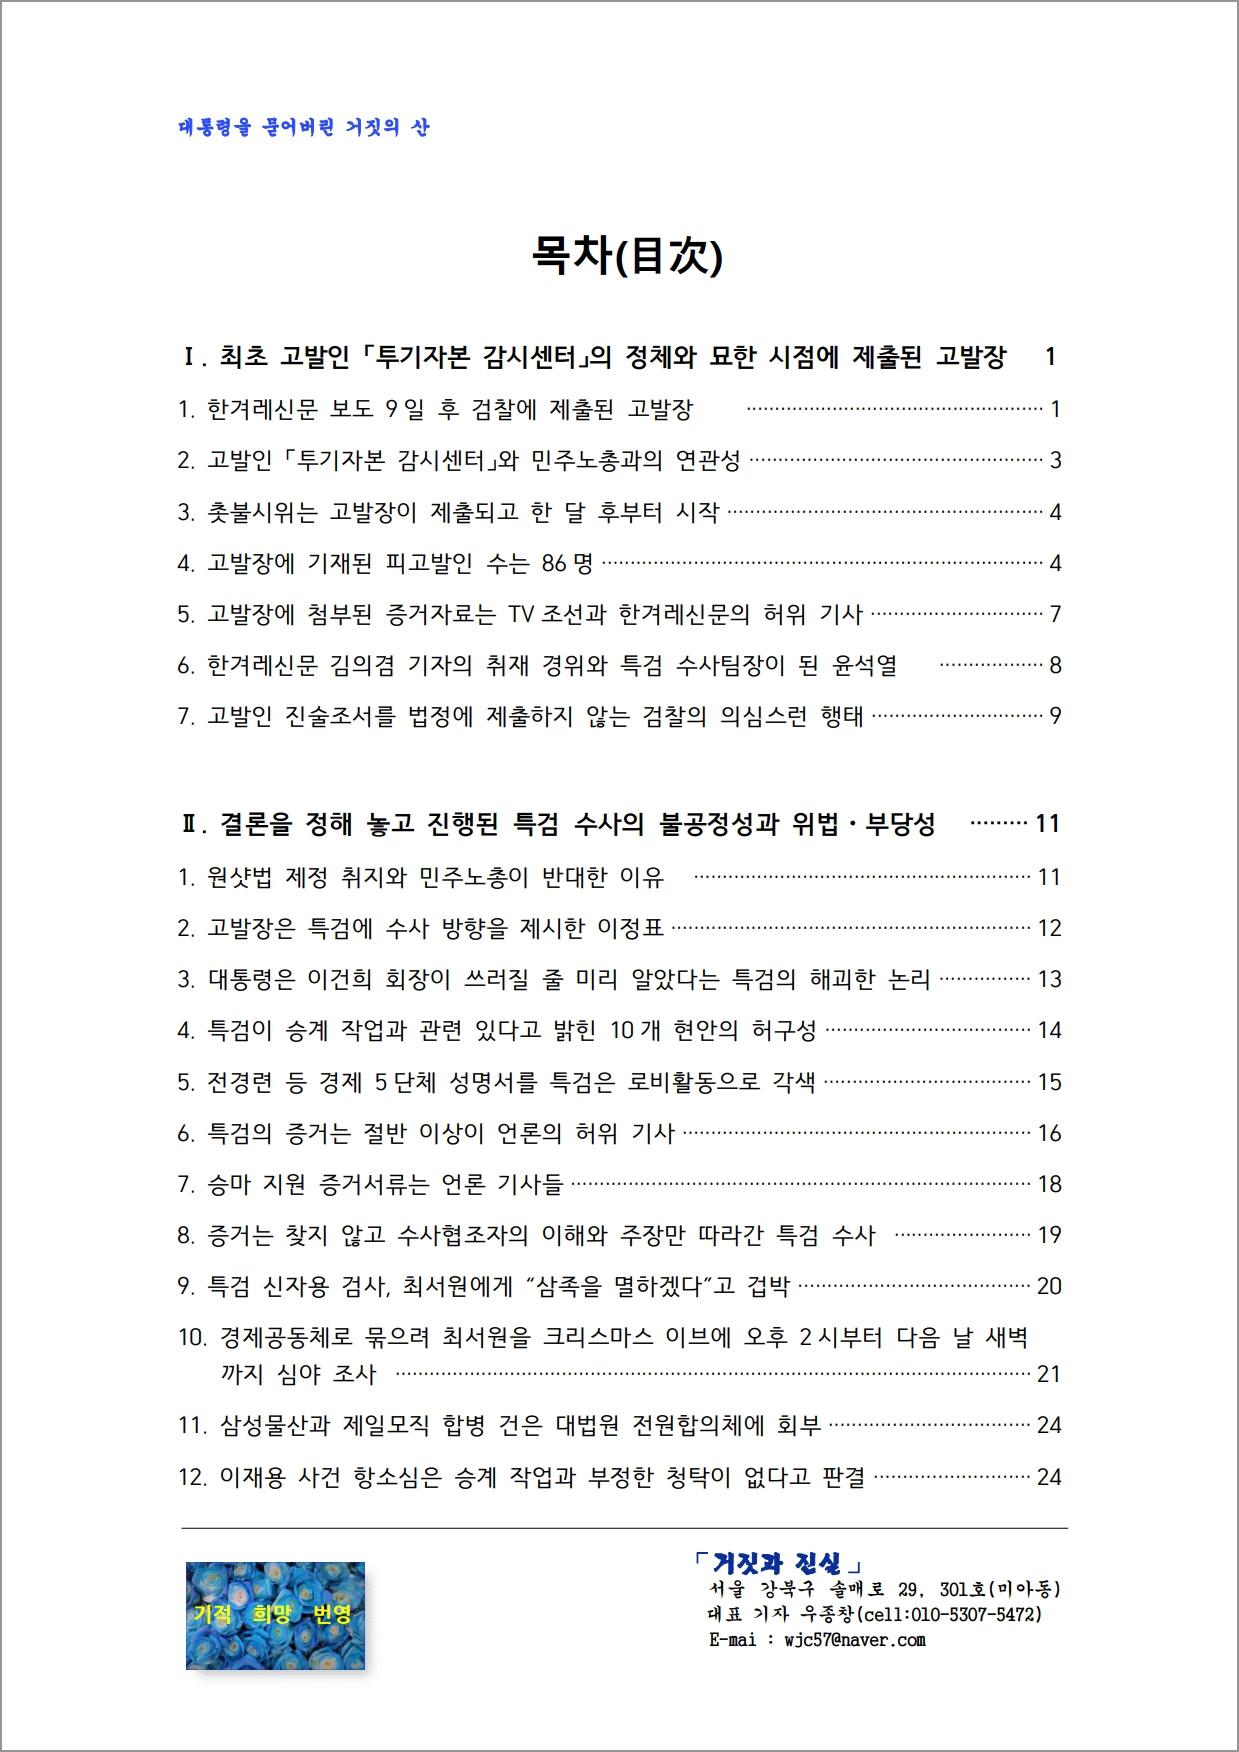 박근혜 대통령 사건-각론1 목차.pdf